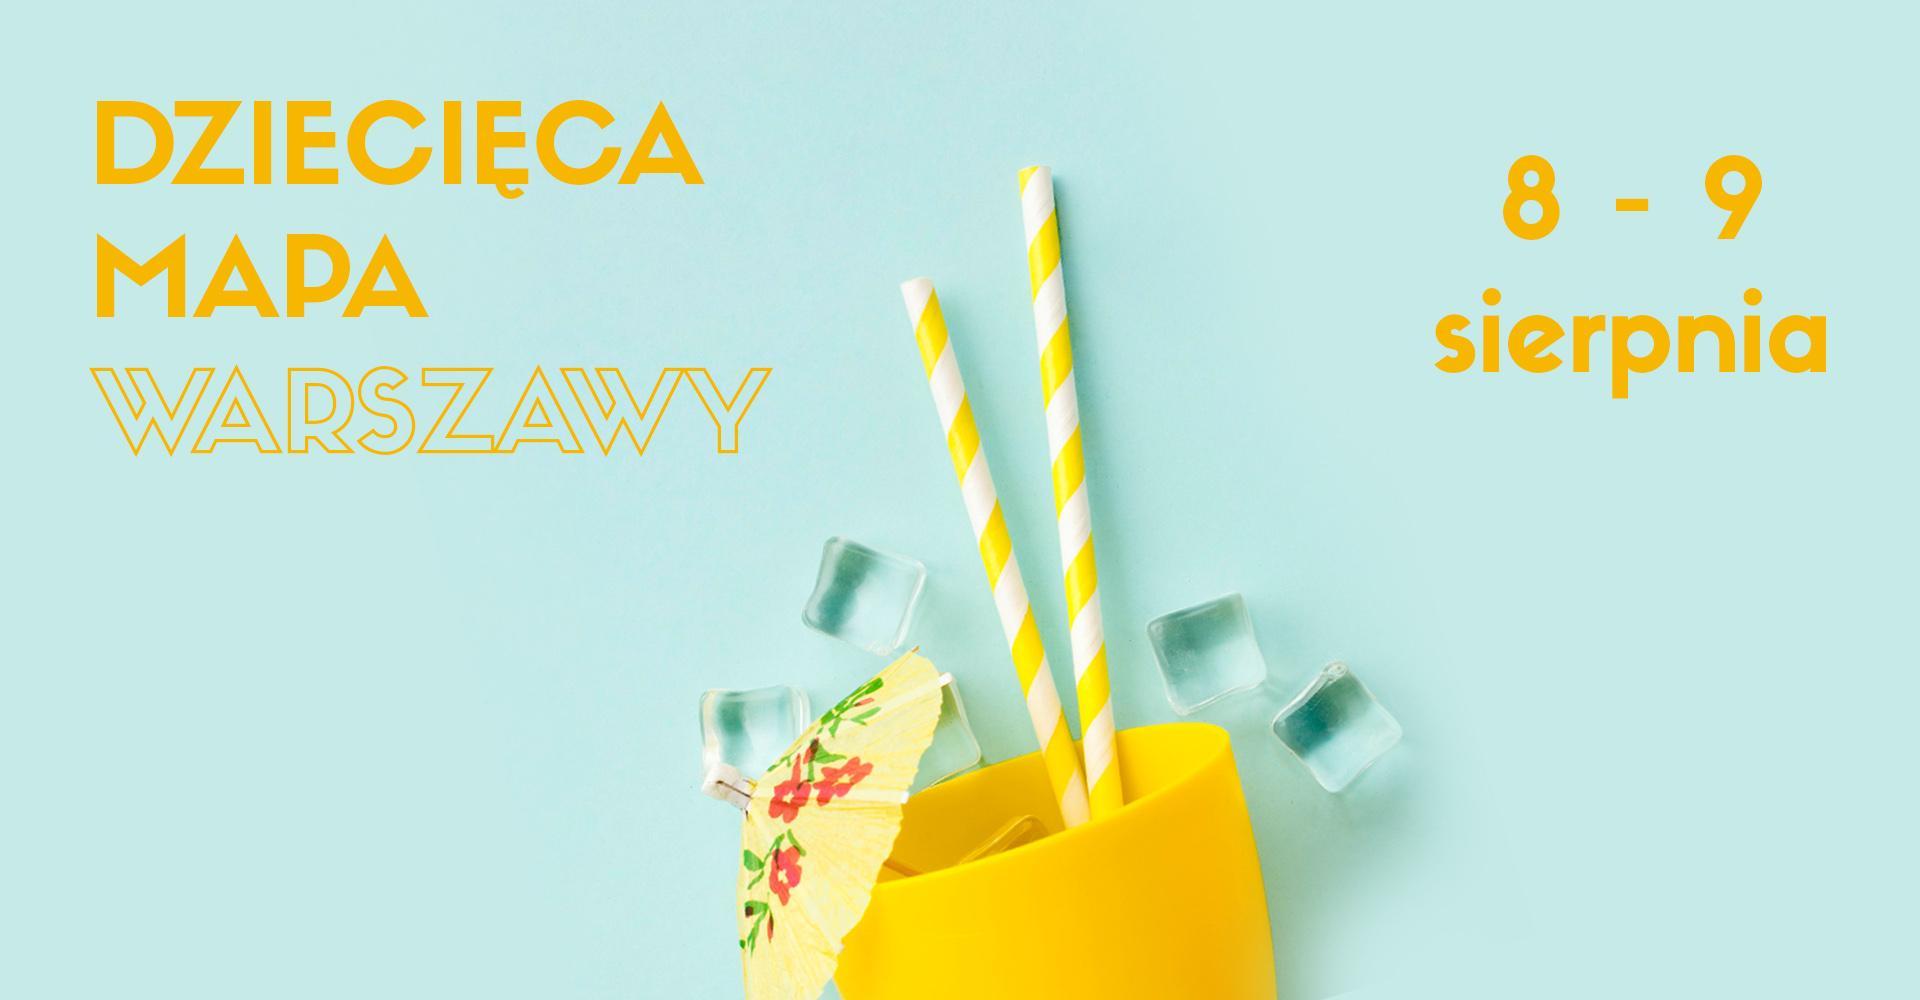 Weekendowa Zajawka, czyli zaplanuj rodzinny weekend w Warszawie (8-9 sierpnia)